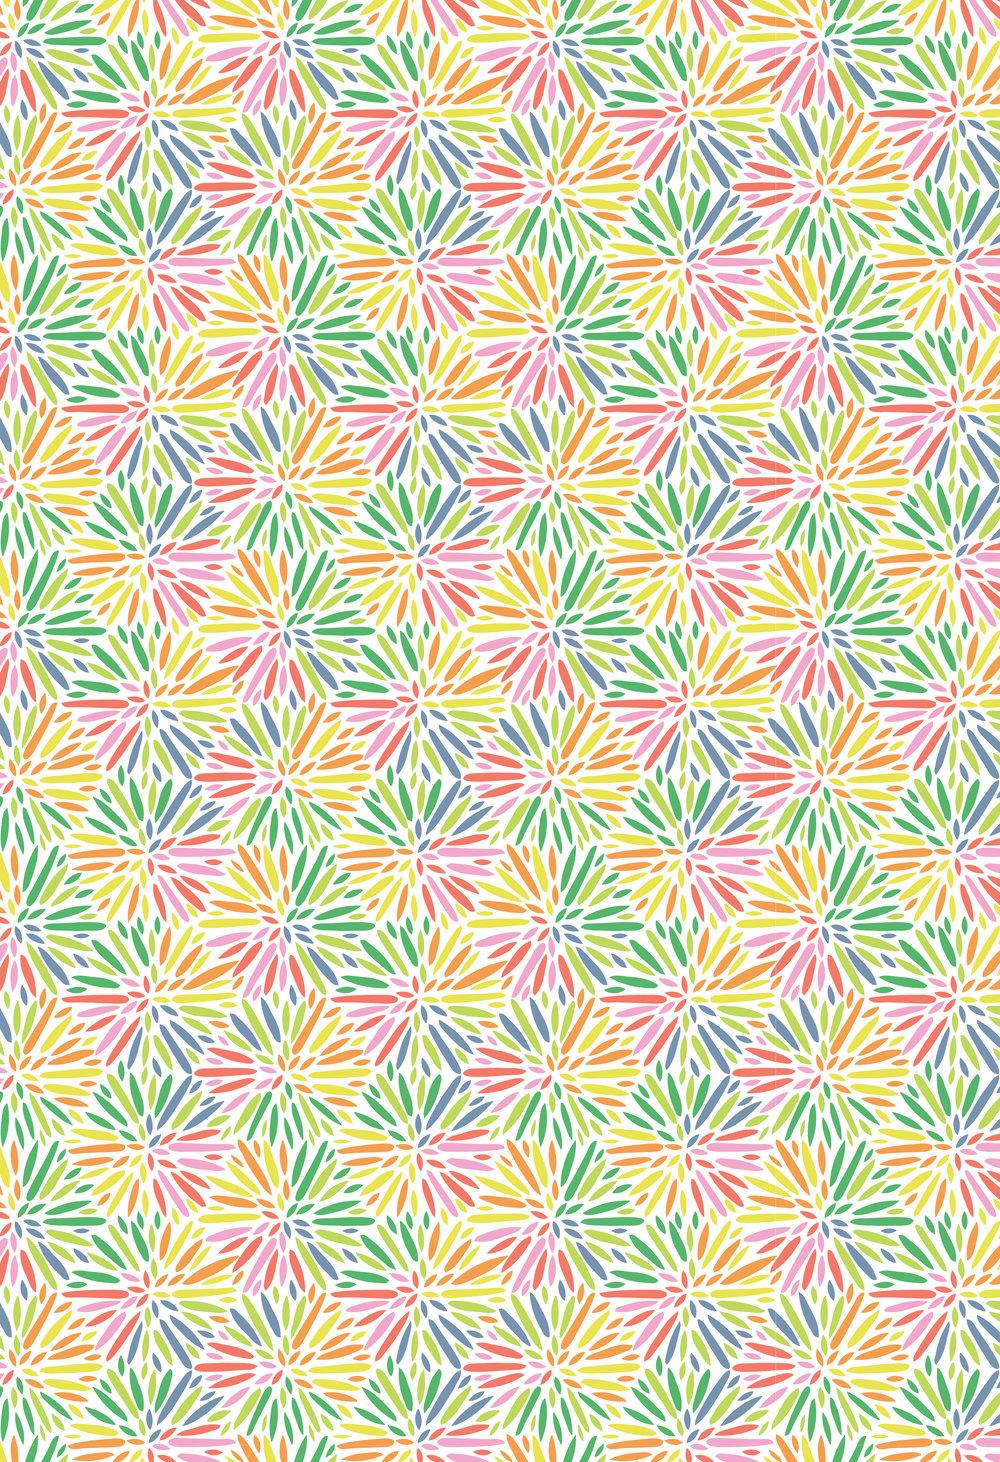 01805_confettifoliage.jpg